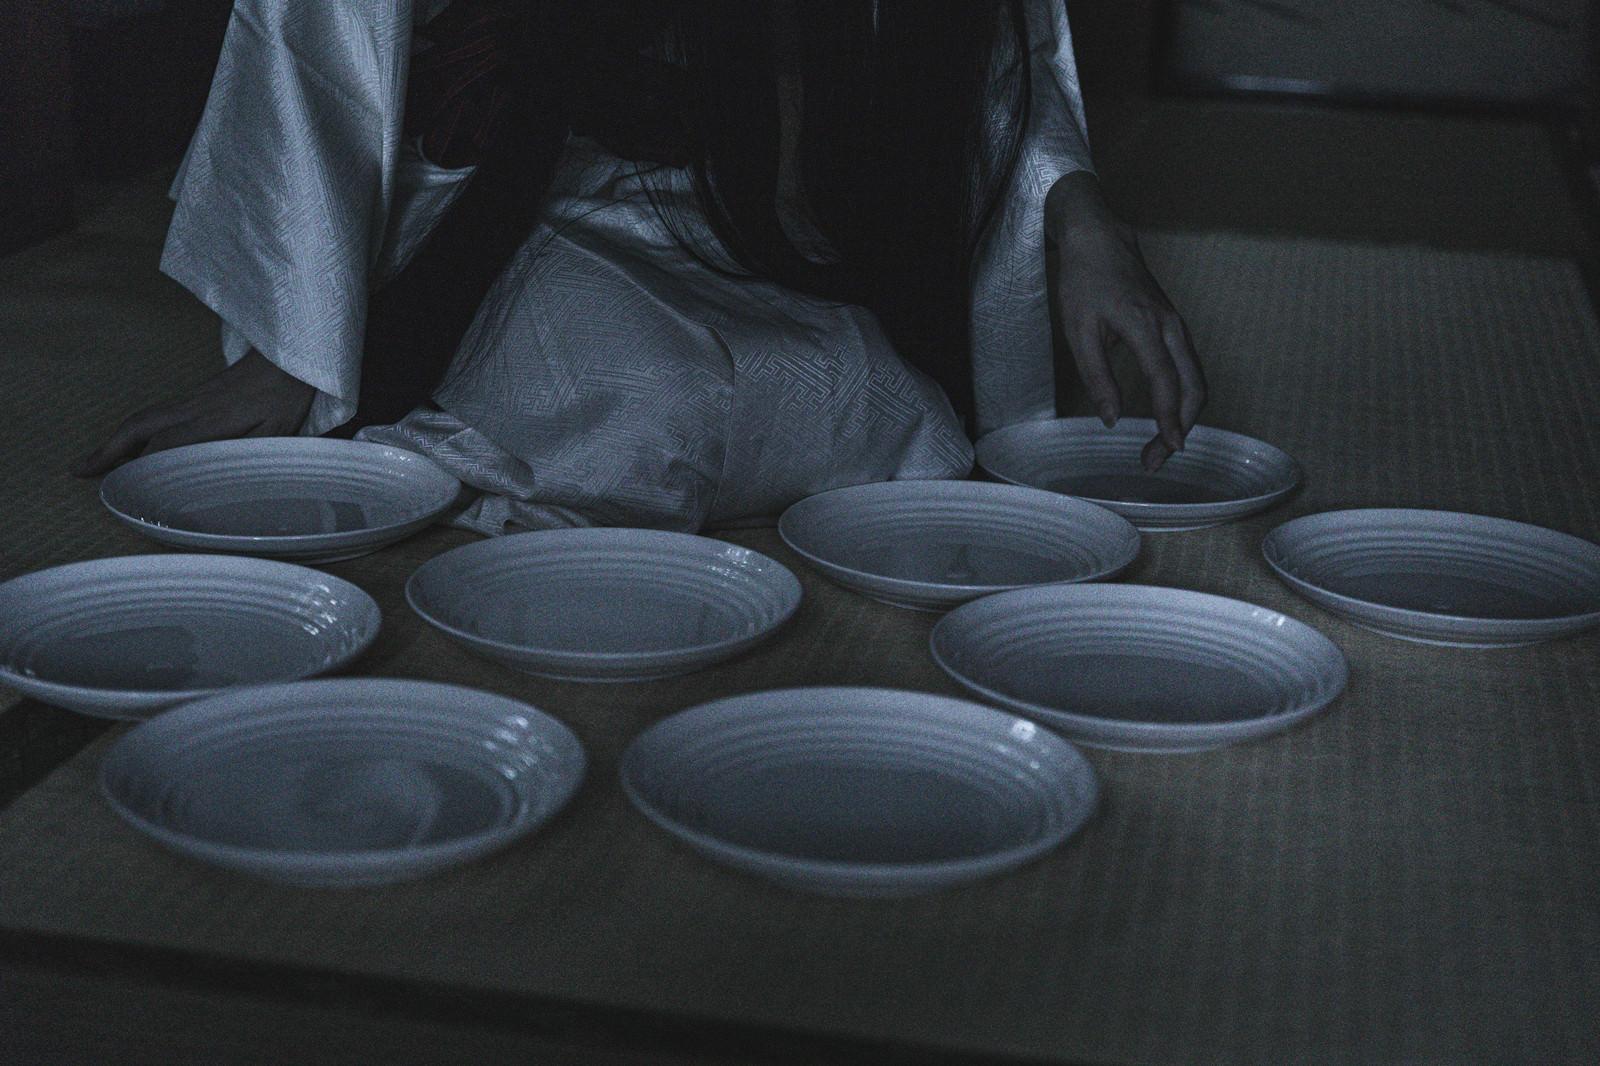 「消灯時間を過ぎても皿が一枚足らない状態」の写真[モデル:緋真煉]